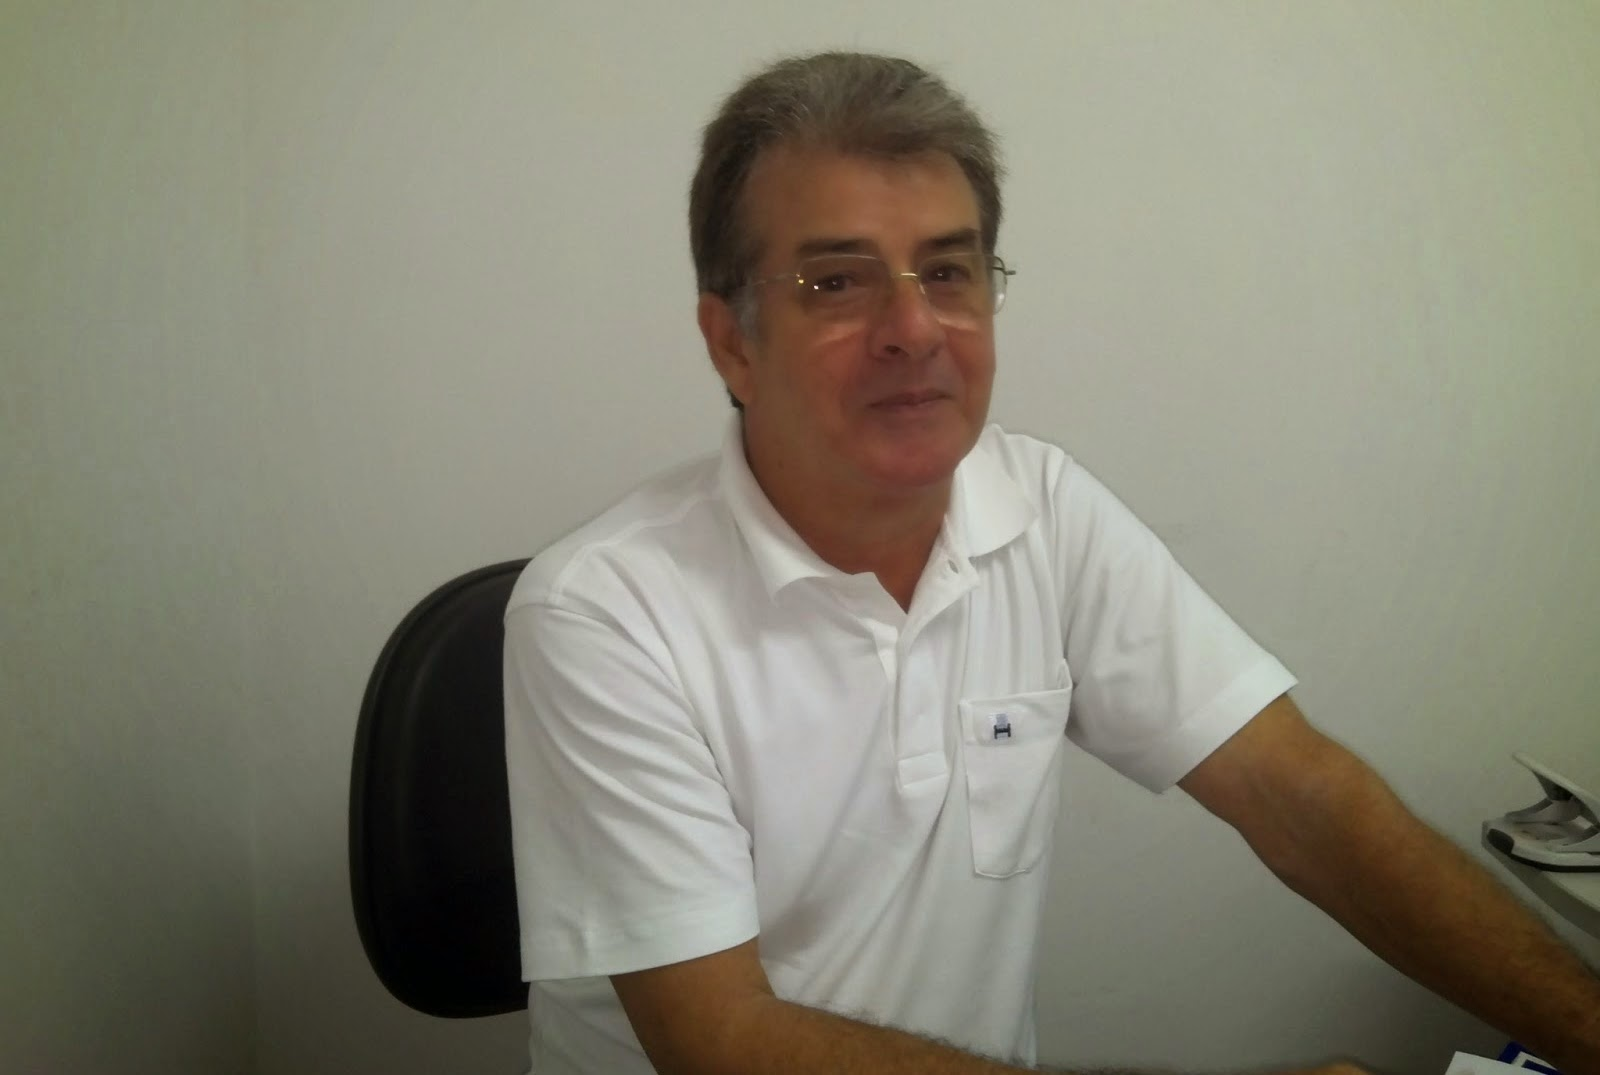 http://www.renatodiniz.com/2014/11/a-entrevista-da-semana-esta-de-volta.html